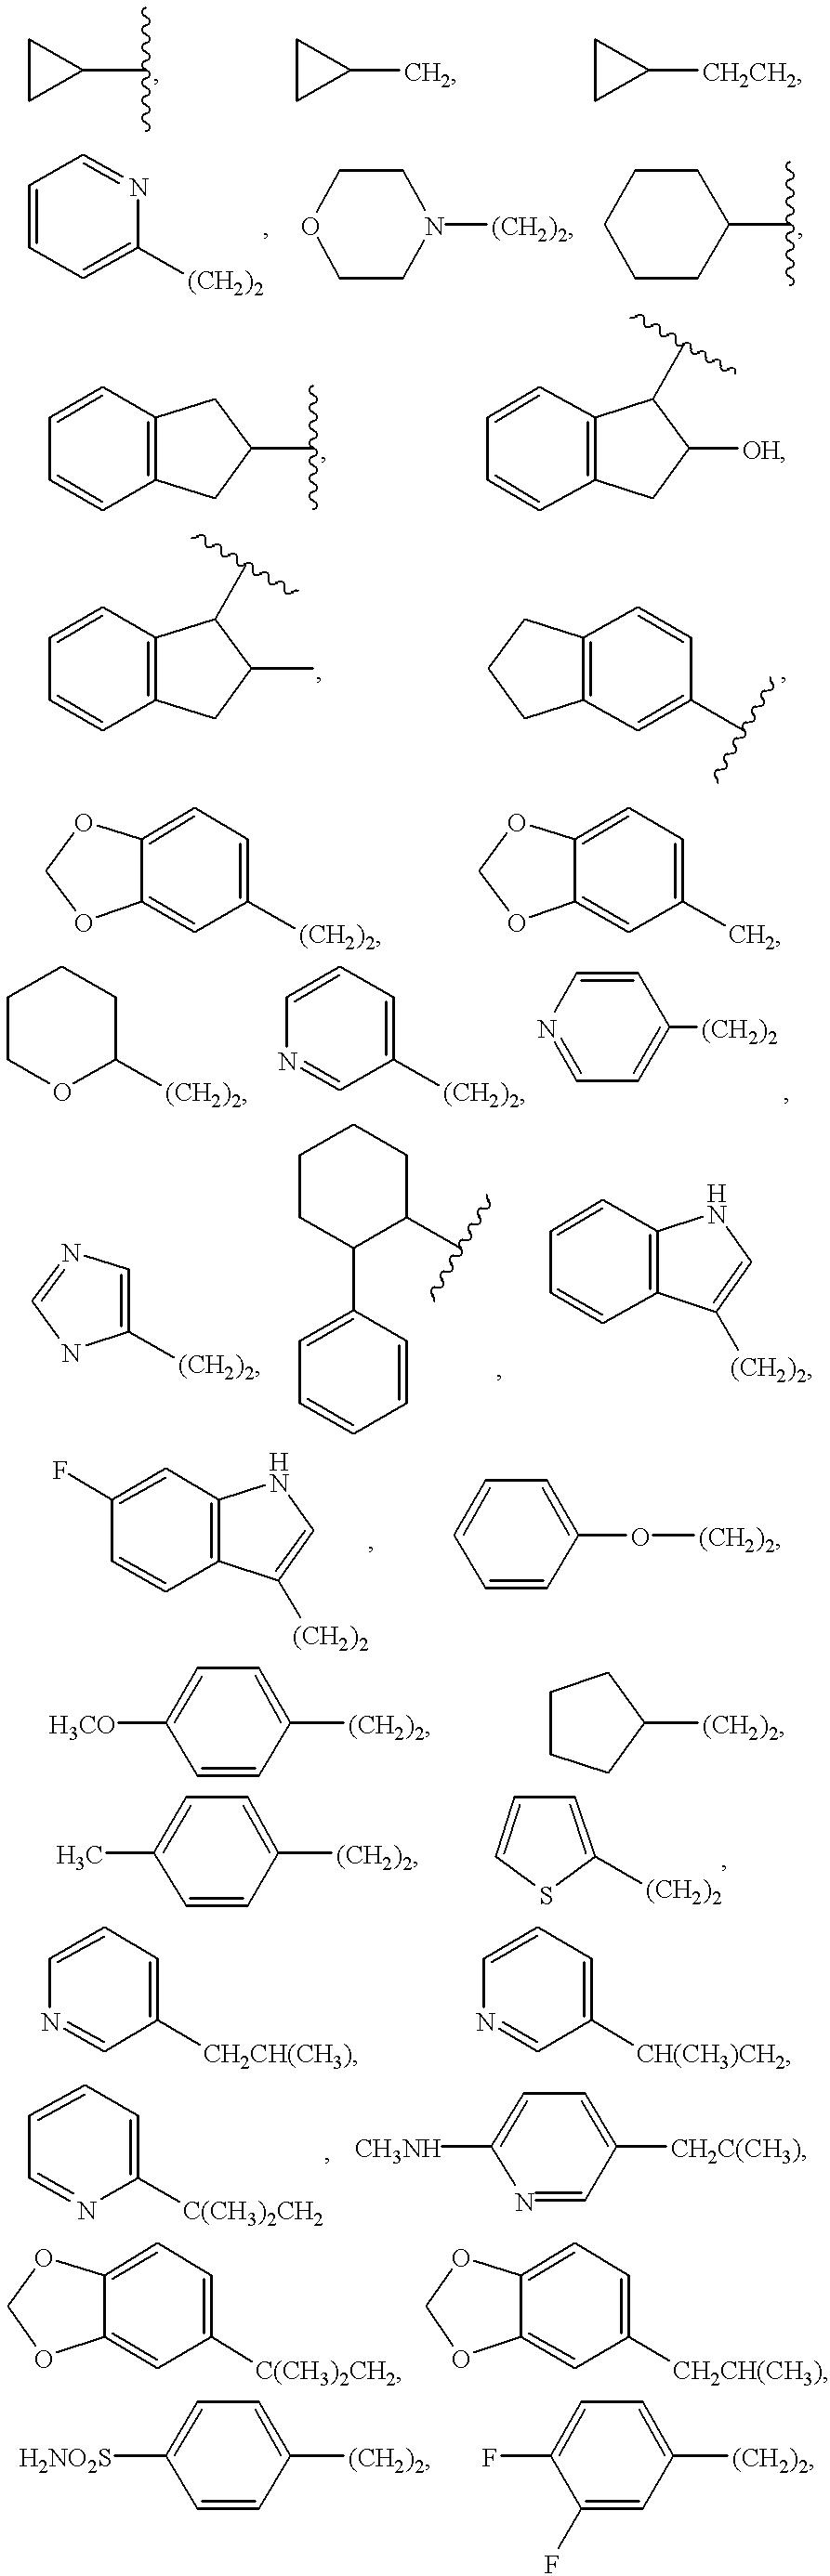 Figure US06204263-20010320-C00006